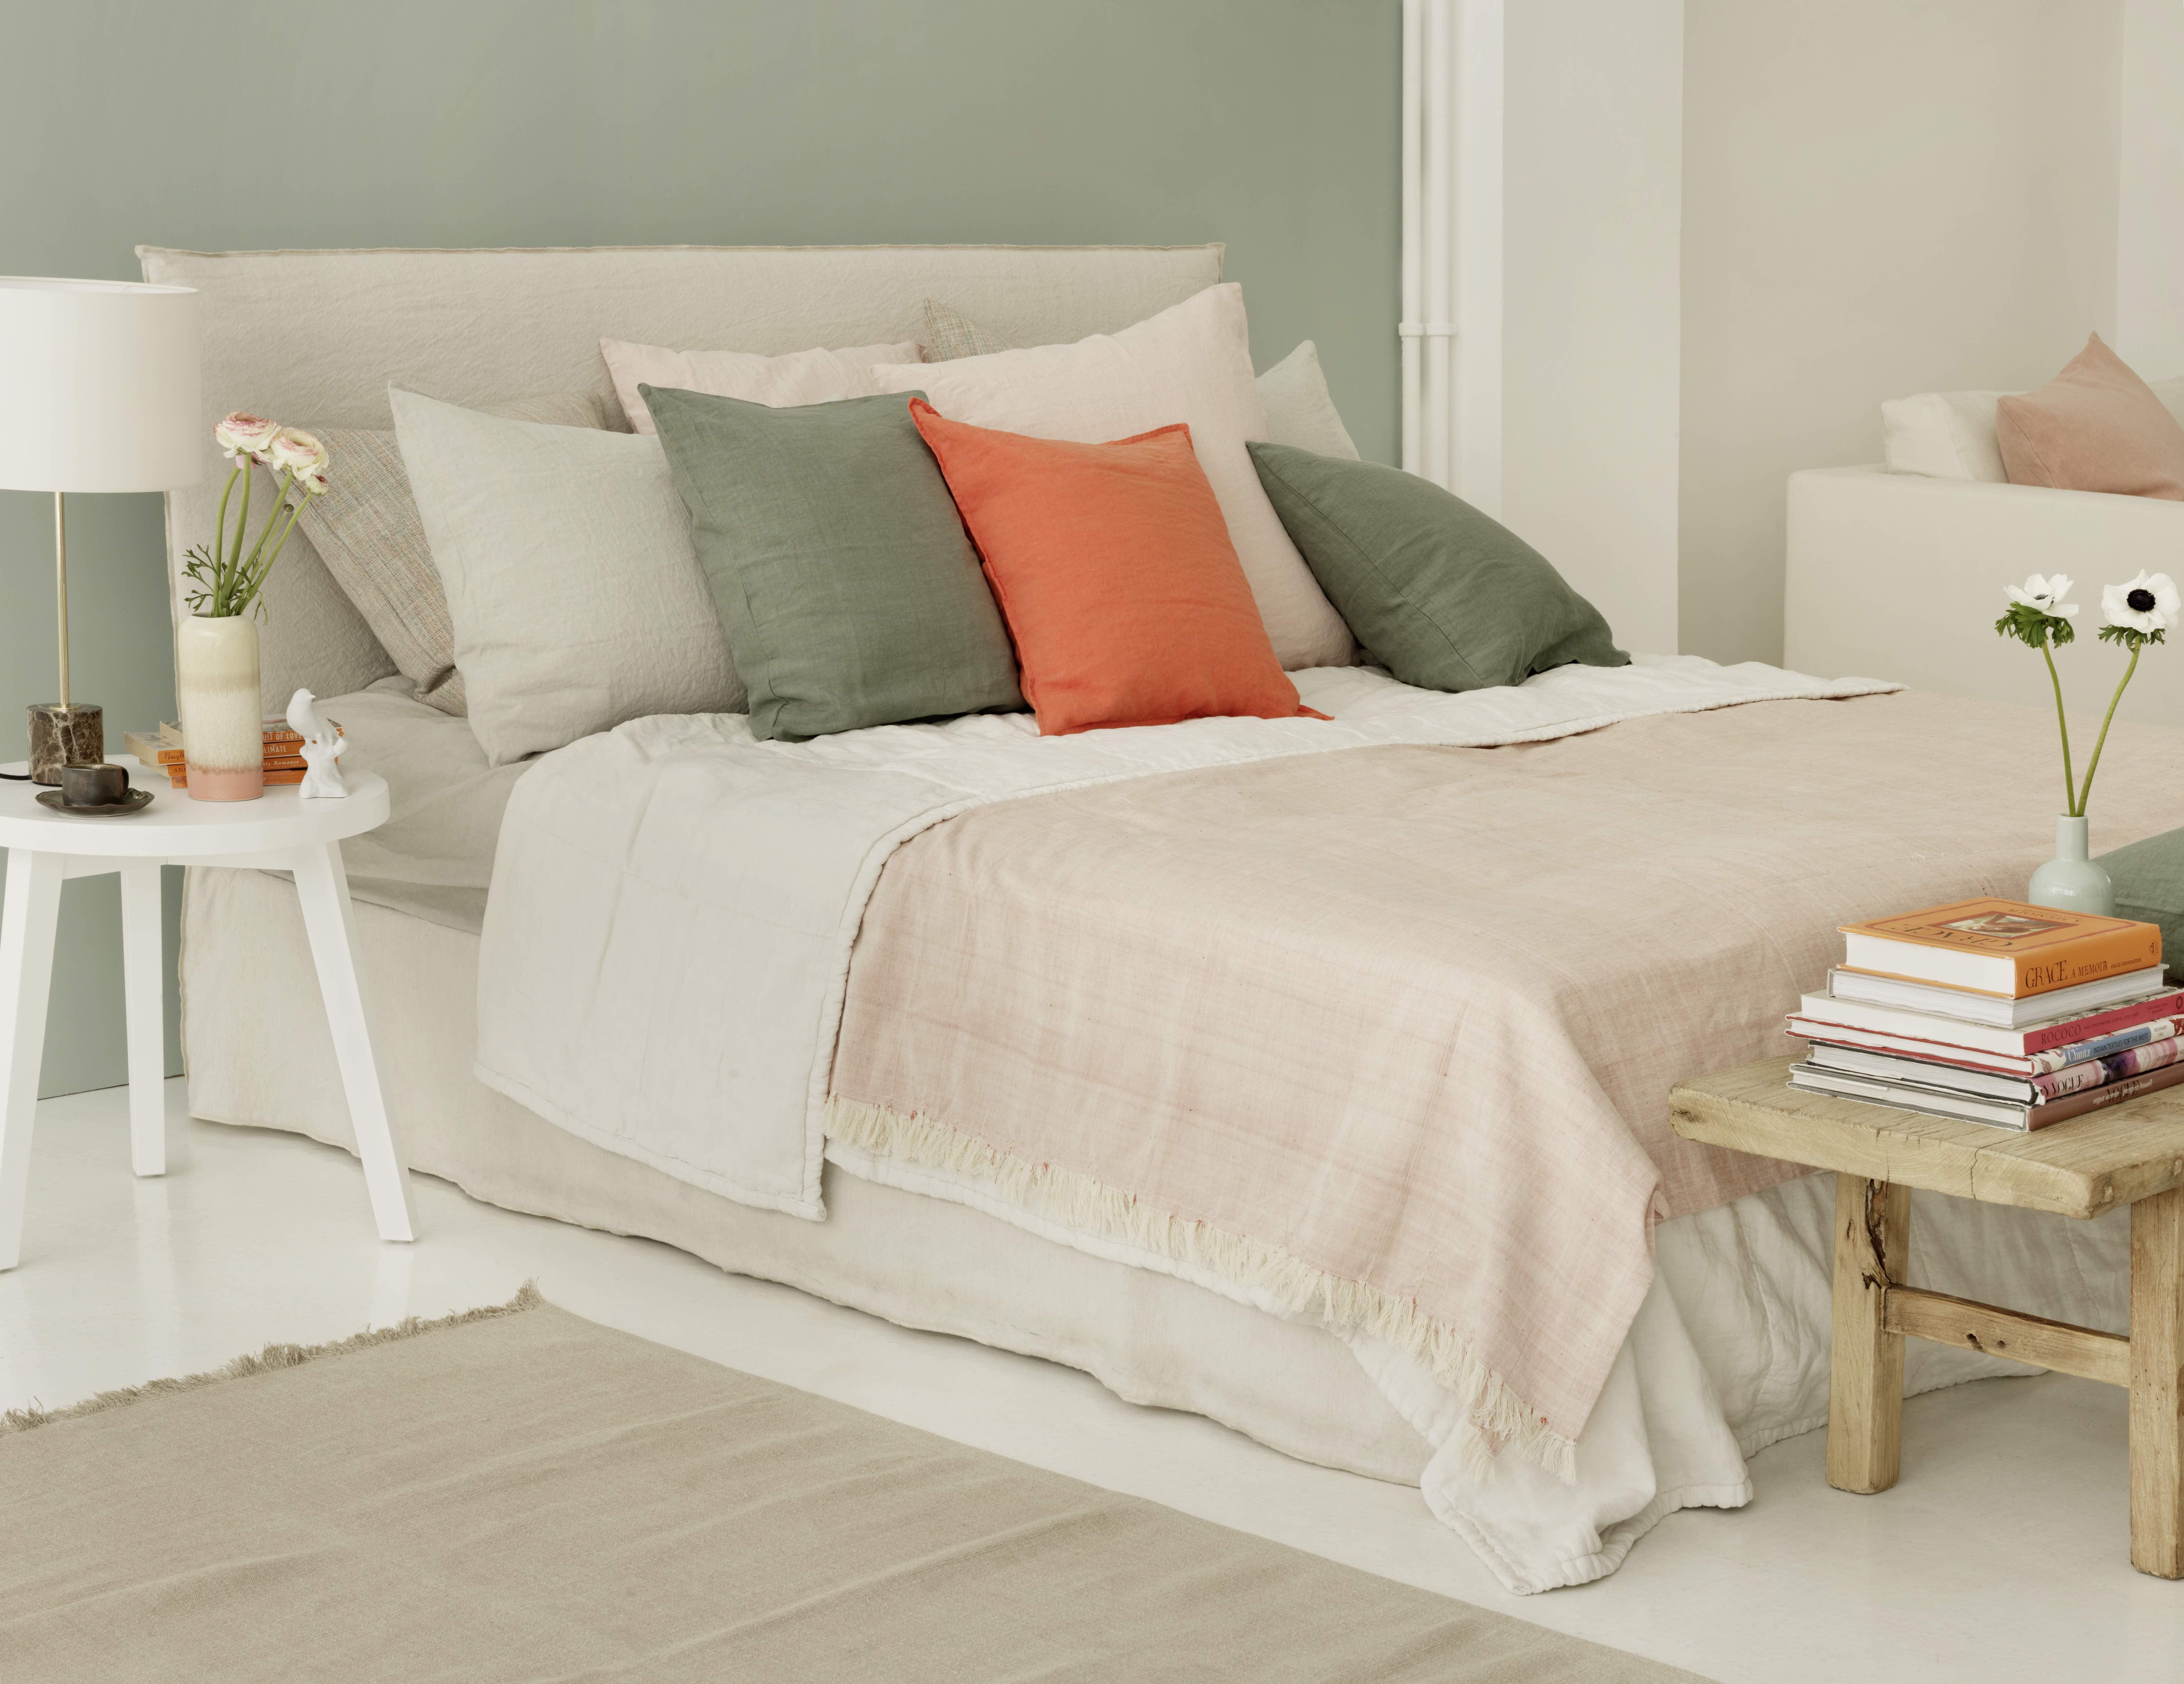 Schlagwort Schlafzimmer | Sweet Home : Sweet Home Schlafzimmer Zeichnung